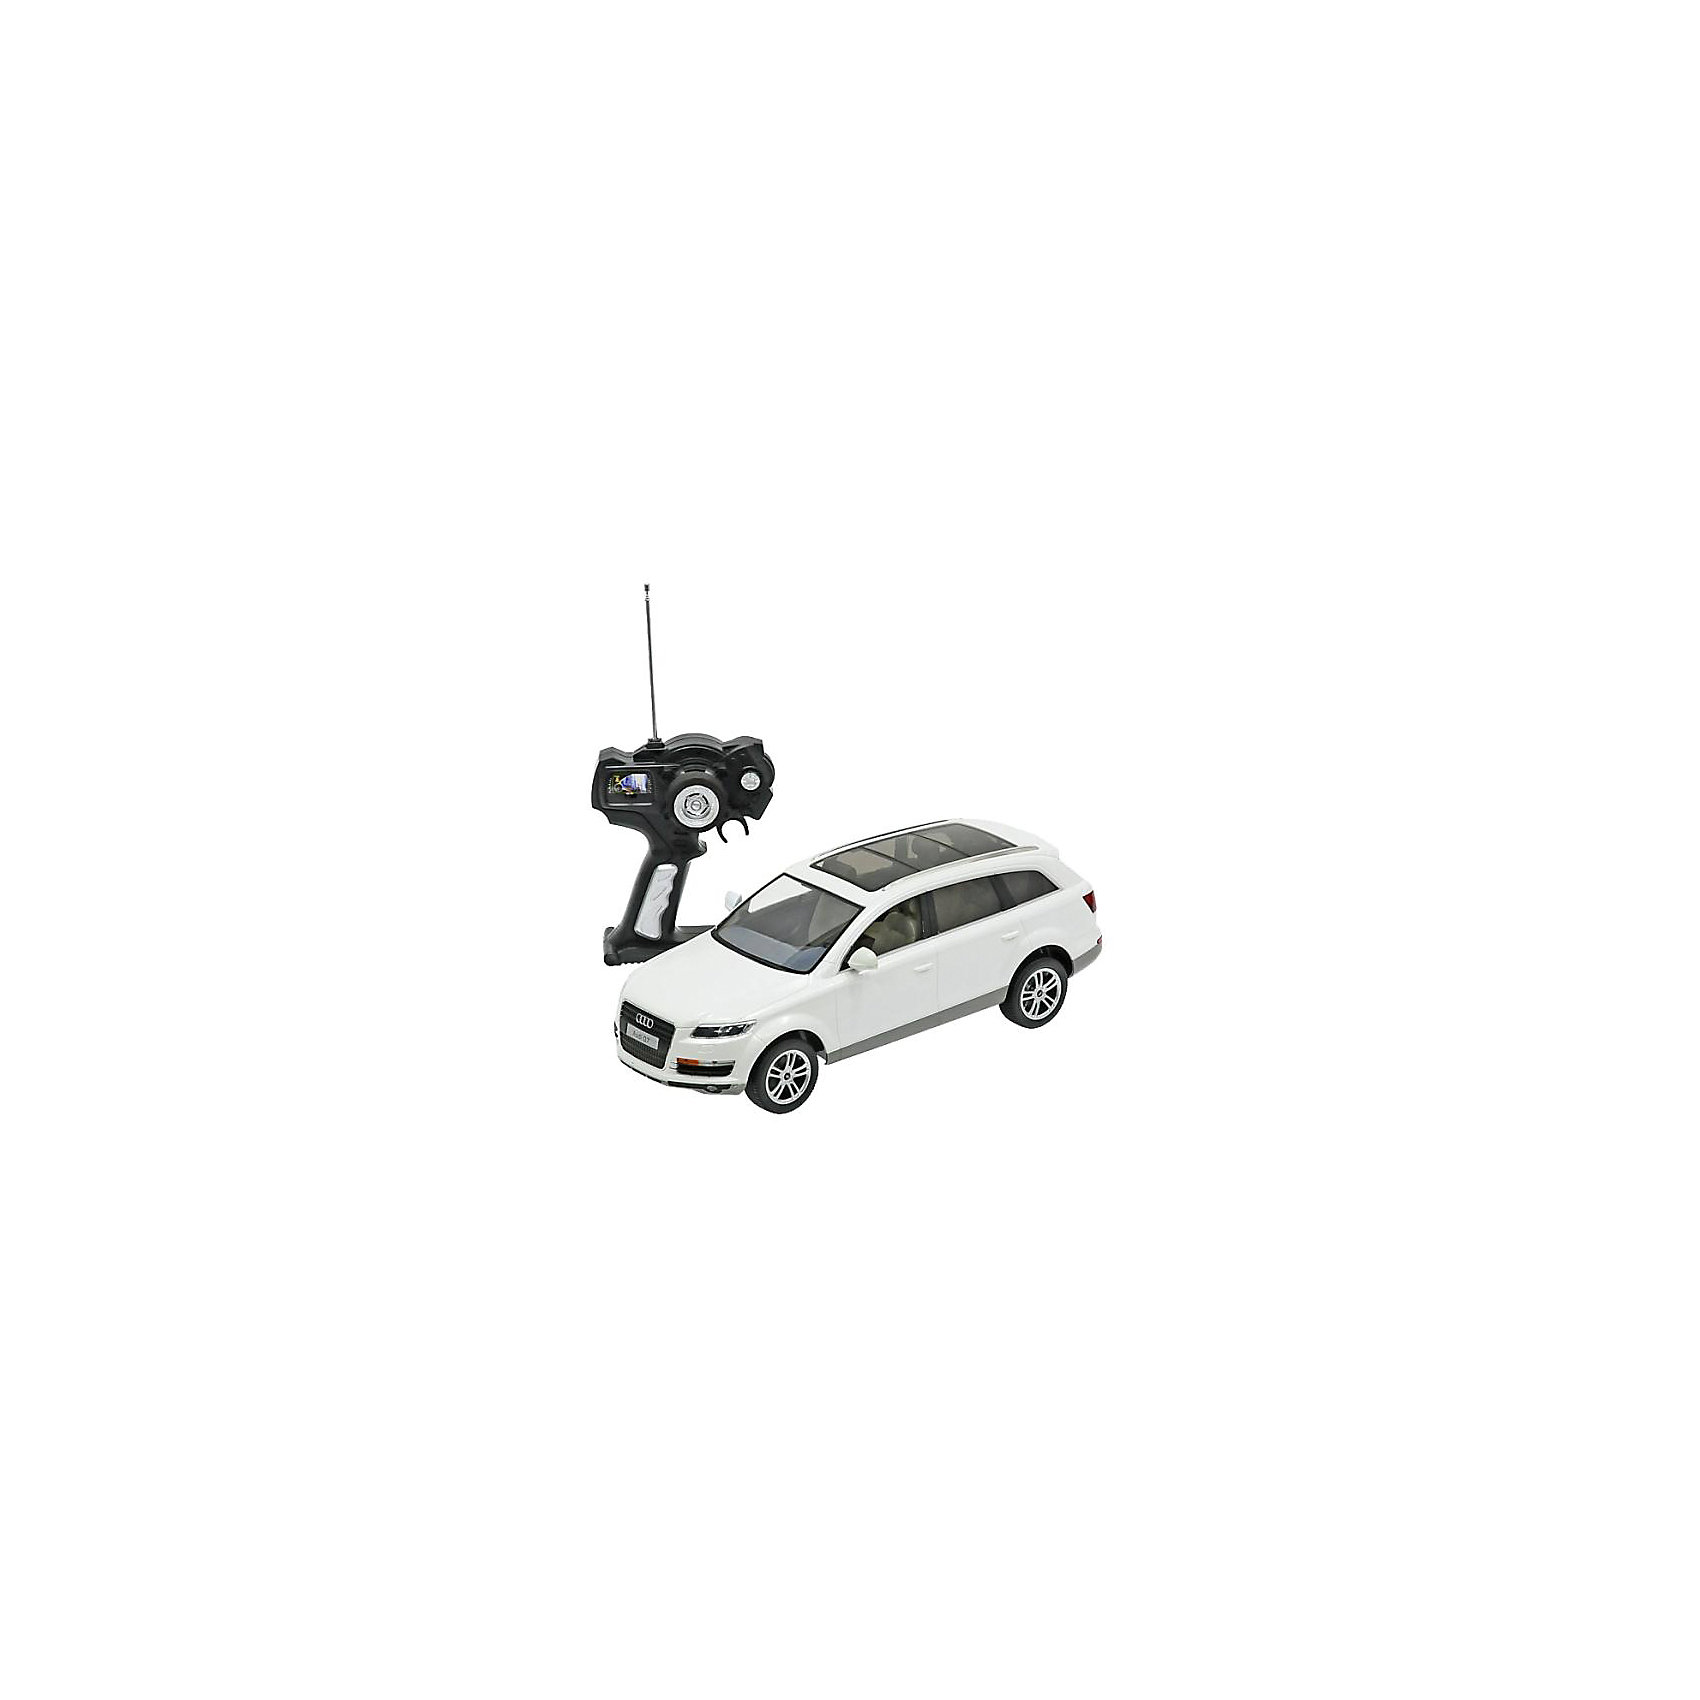 - Машина AUDI Q7 1:14, свет, на р/у, RASTAR, белый радиоуправляемая игрушка rastar audi q7 1 24 27300